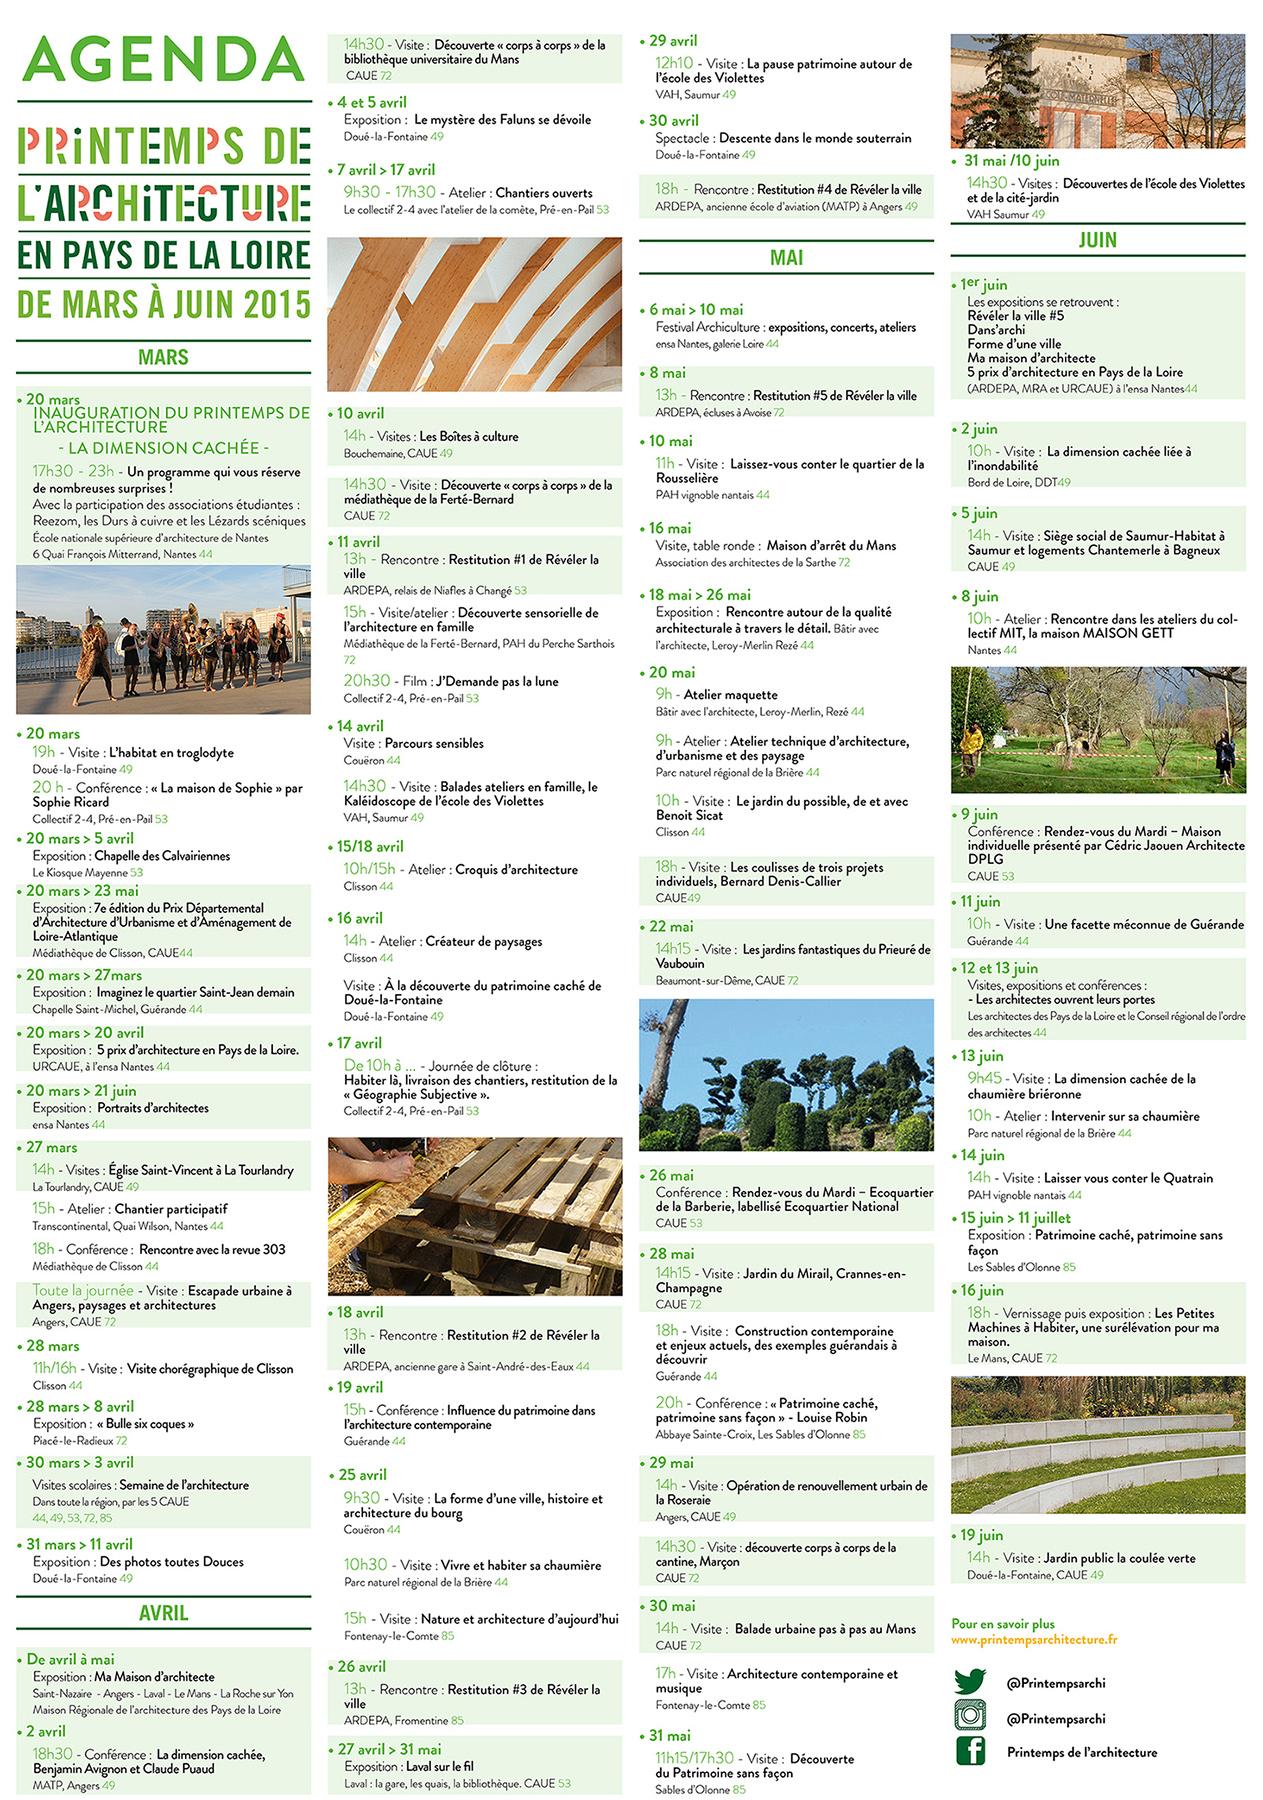 Agenda printemps 2015